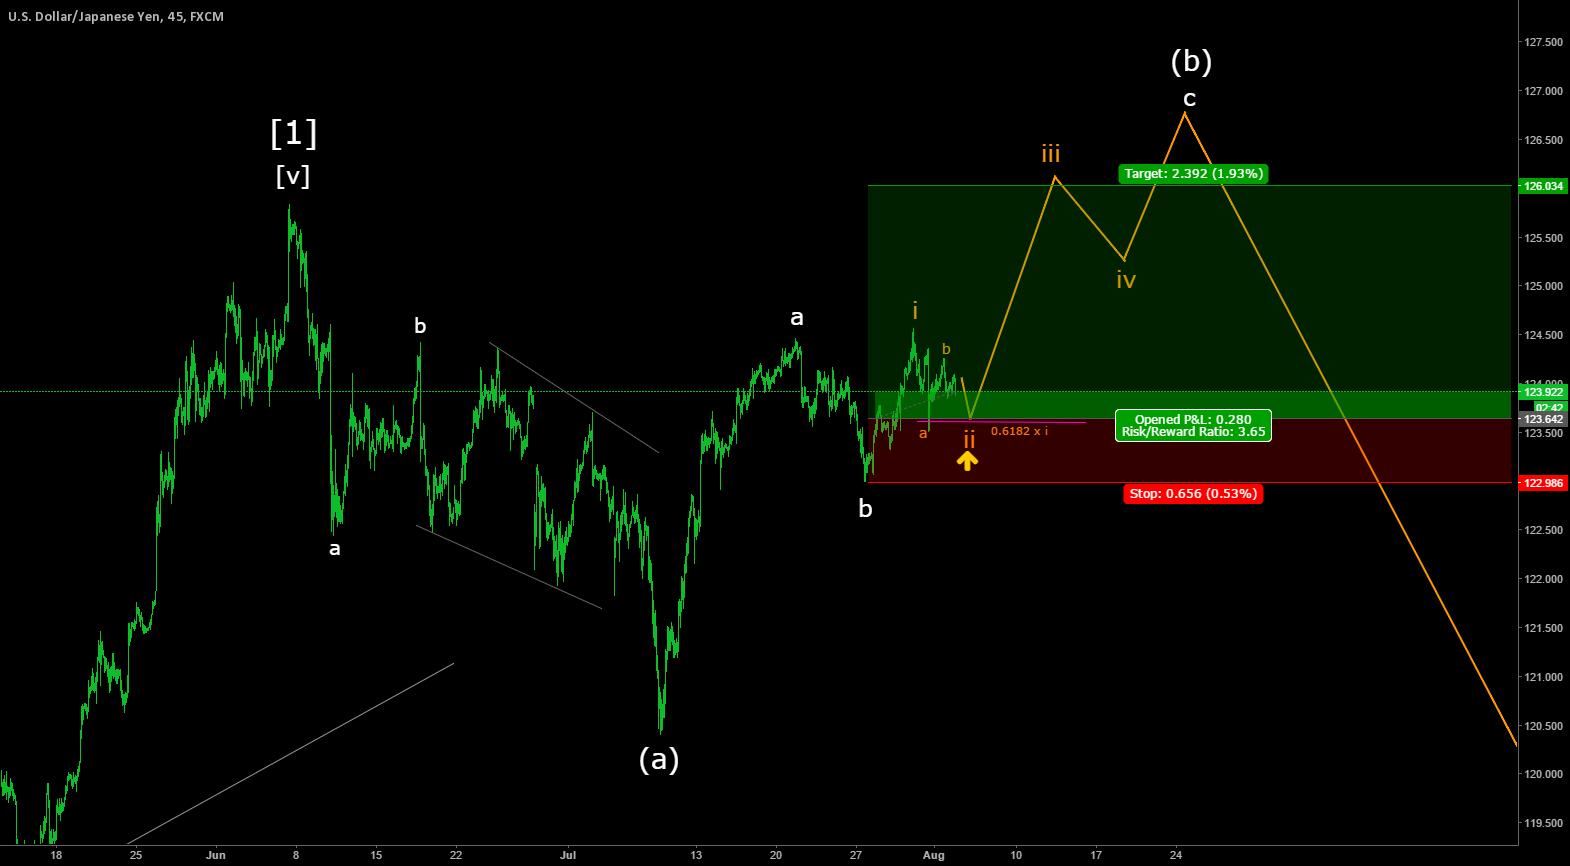 USDJPY in correction wave (b)